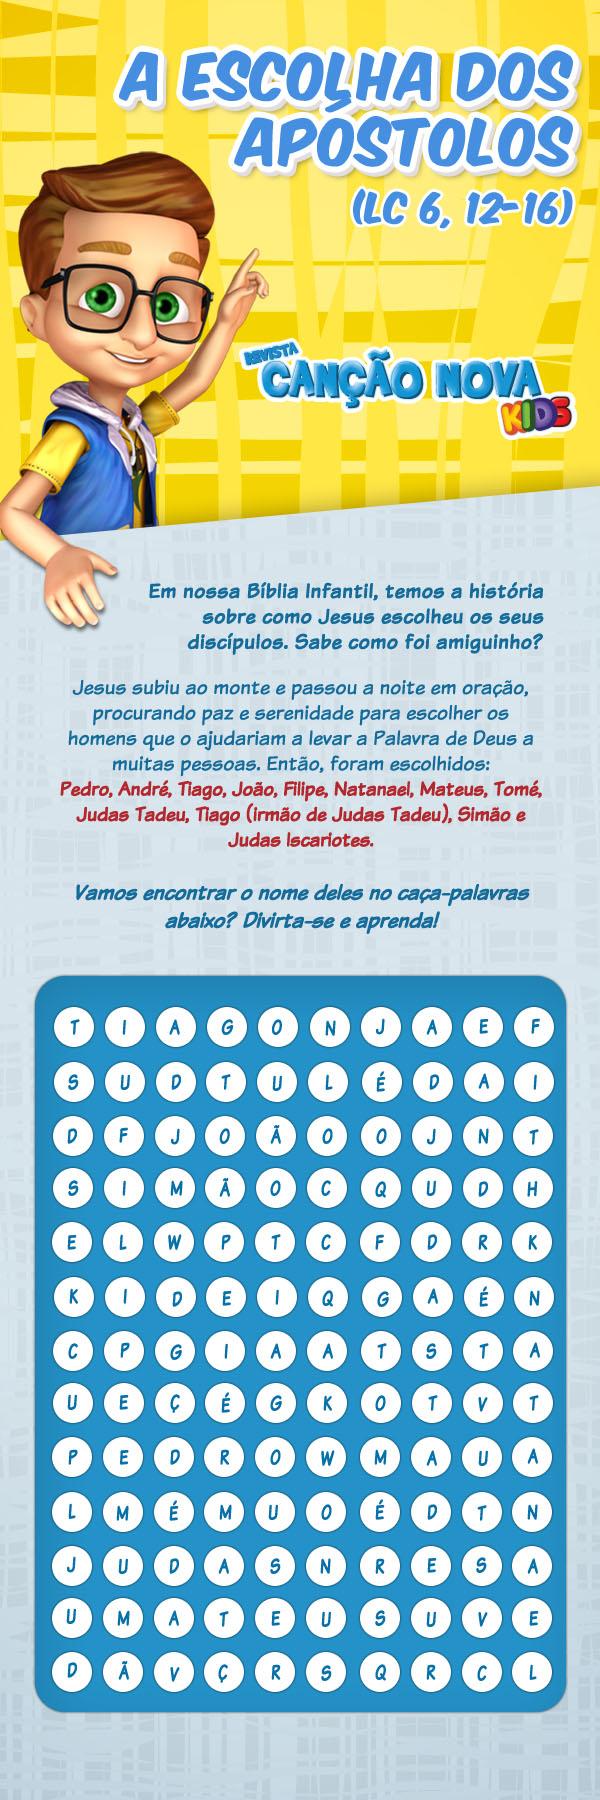 Catequese_passatempo_apostolos